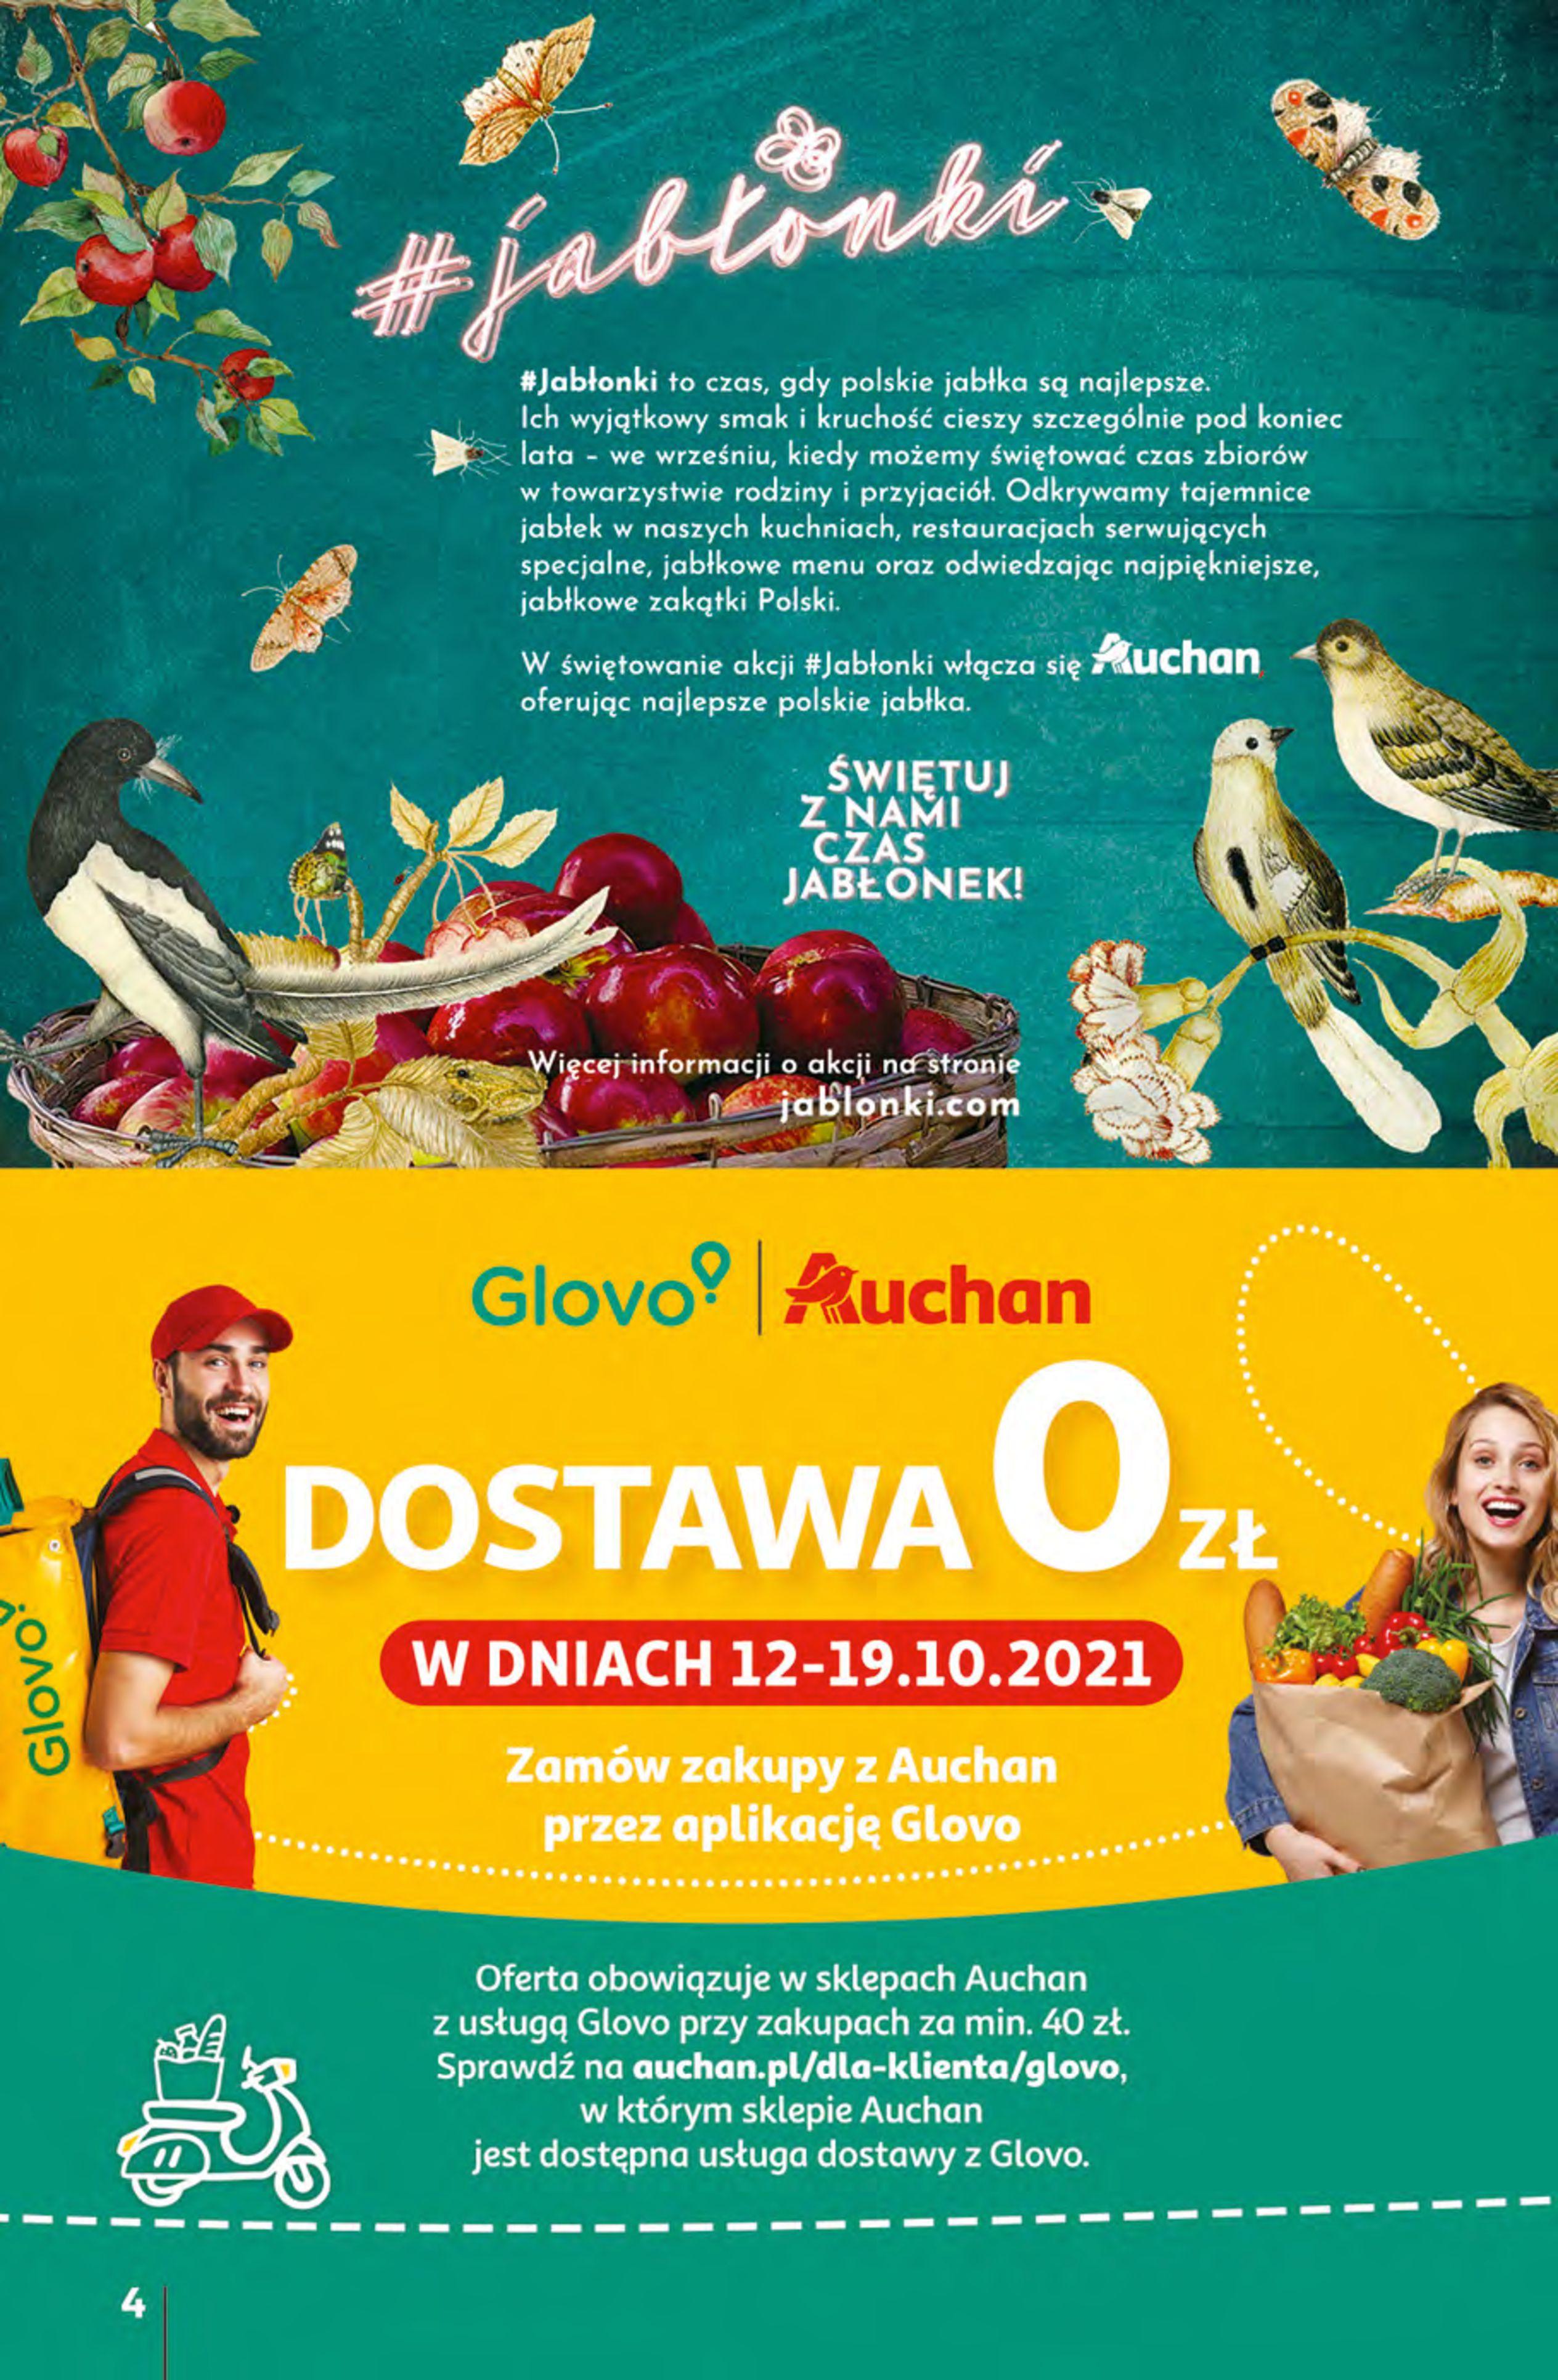 Gazetka Auchan: Gazetka Auchan - Hiperoszczędzanie z Kartą Skarbonka 2 Hipermarkety 2021-10-14 page-4